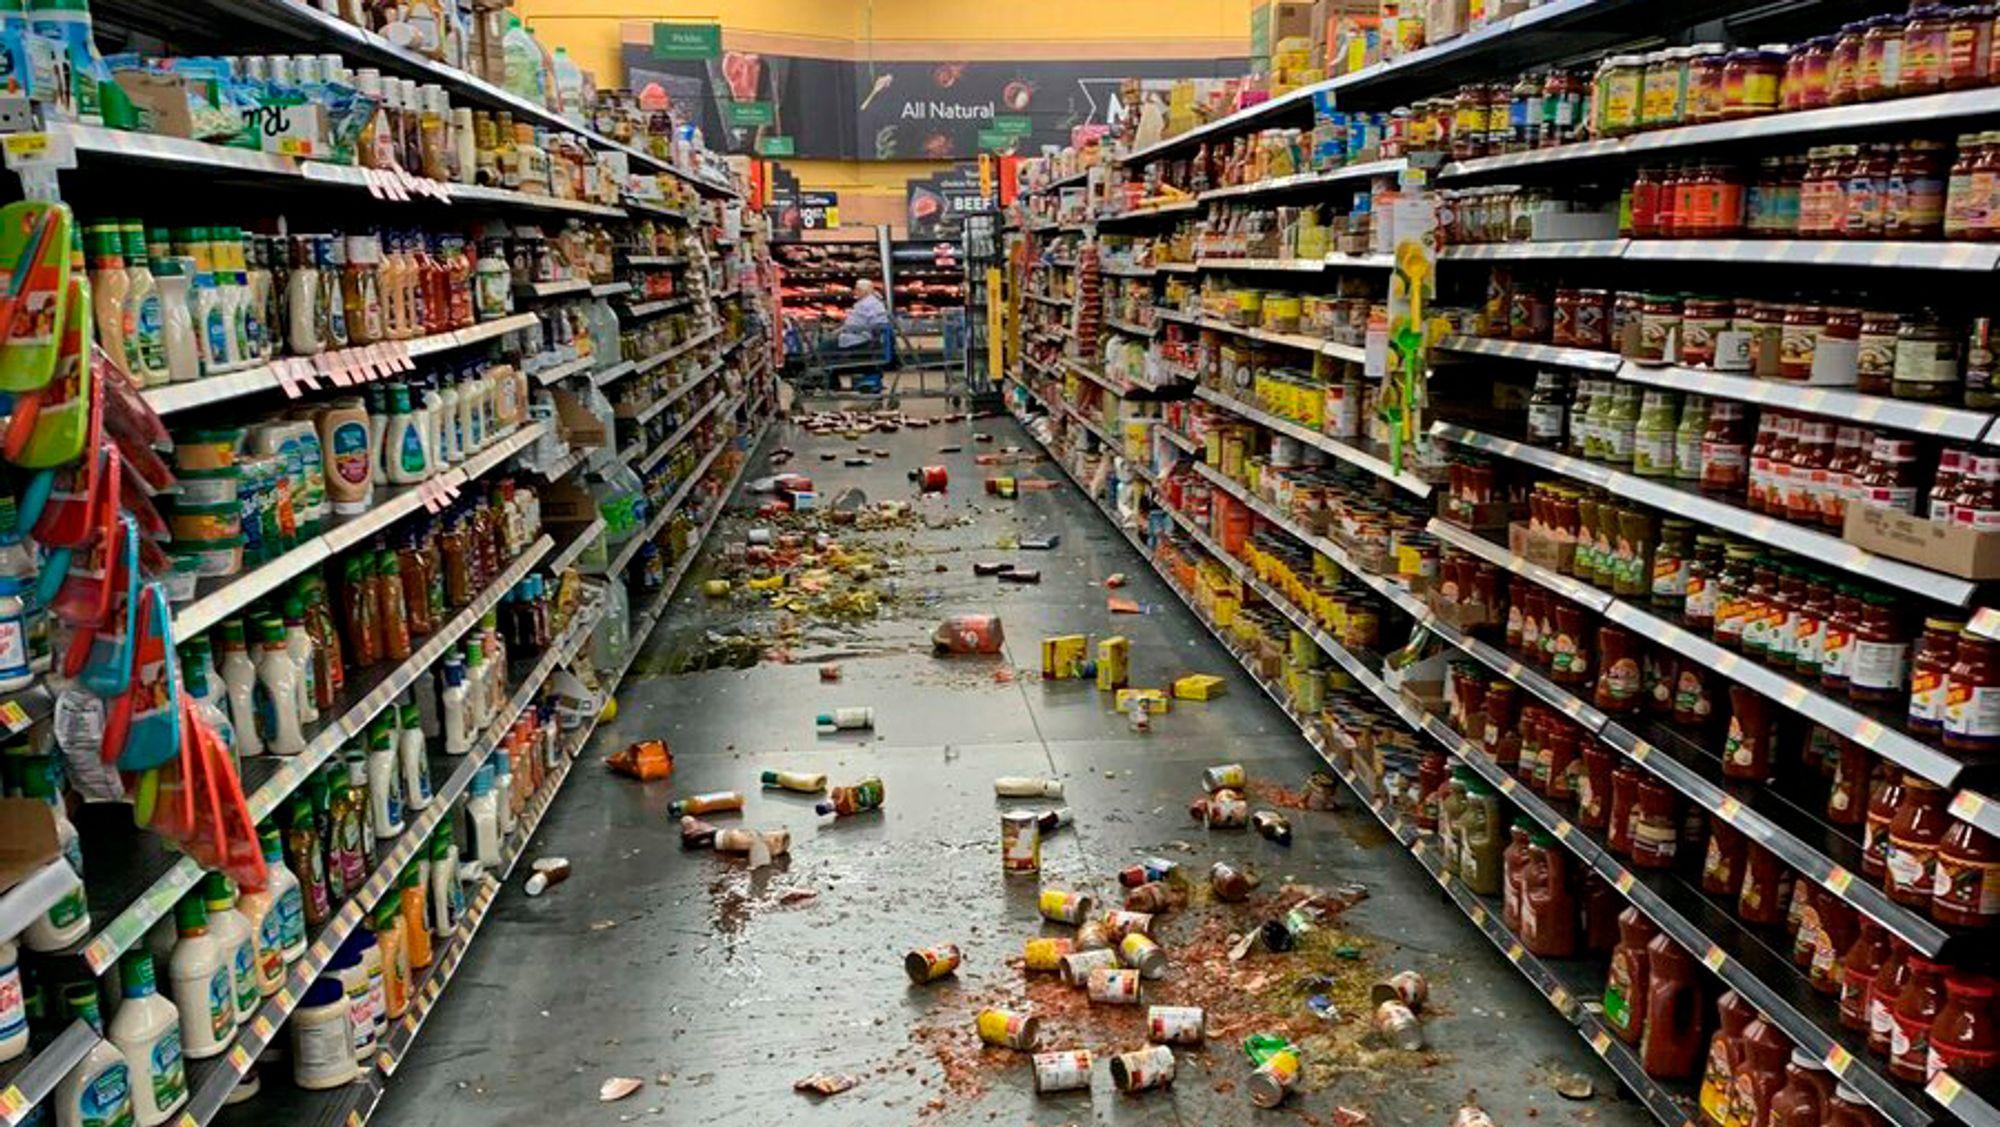 Slik så det ut i Wallmart i Yucca Valley i California etter skjelvet.